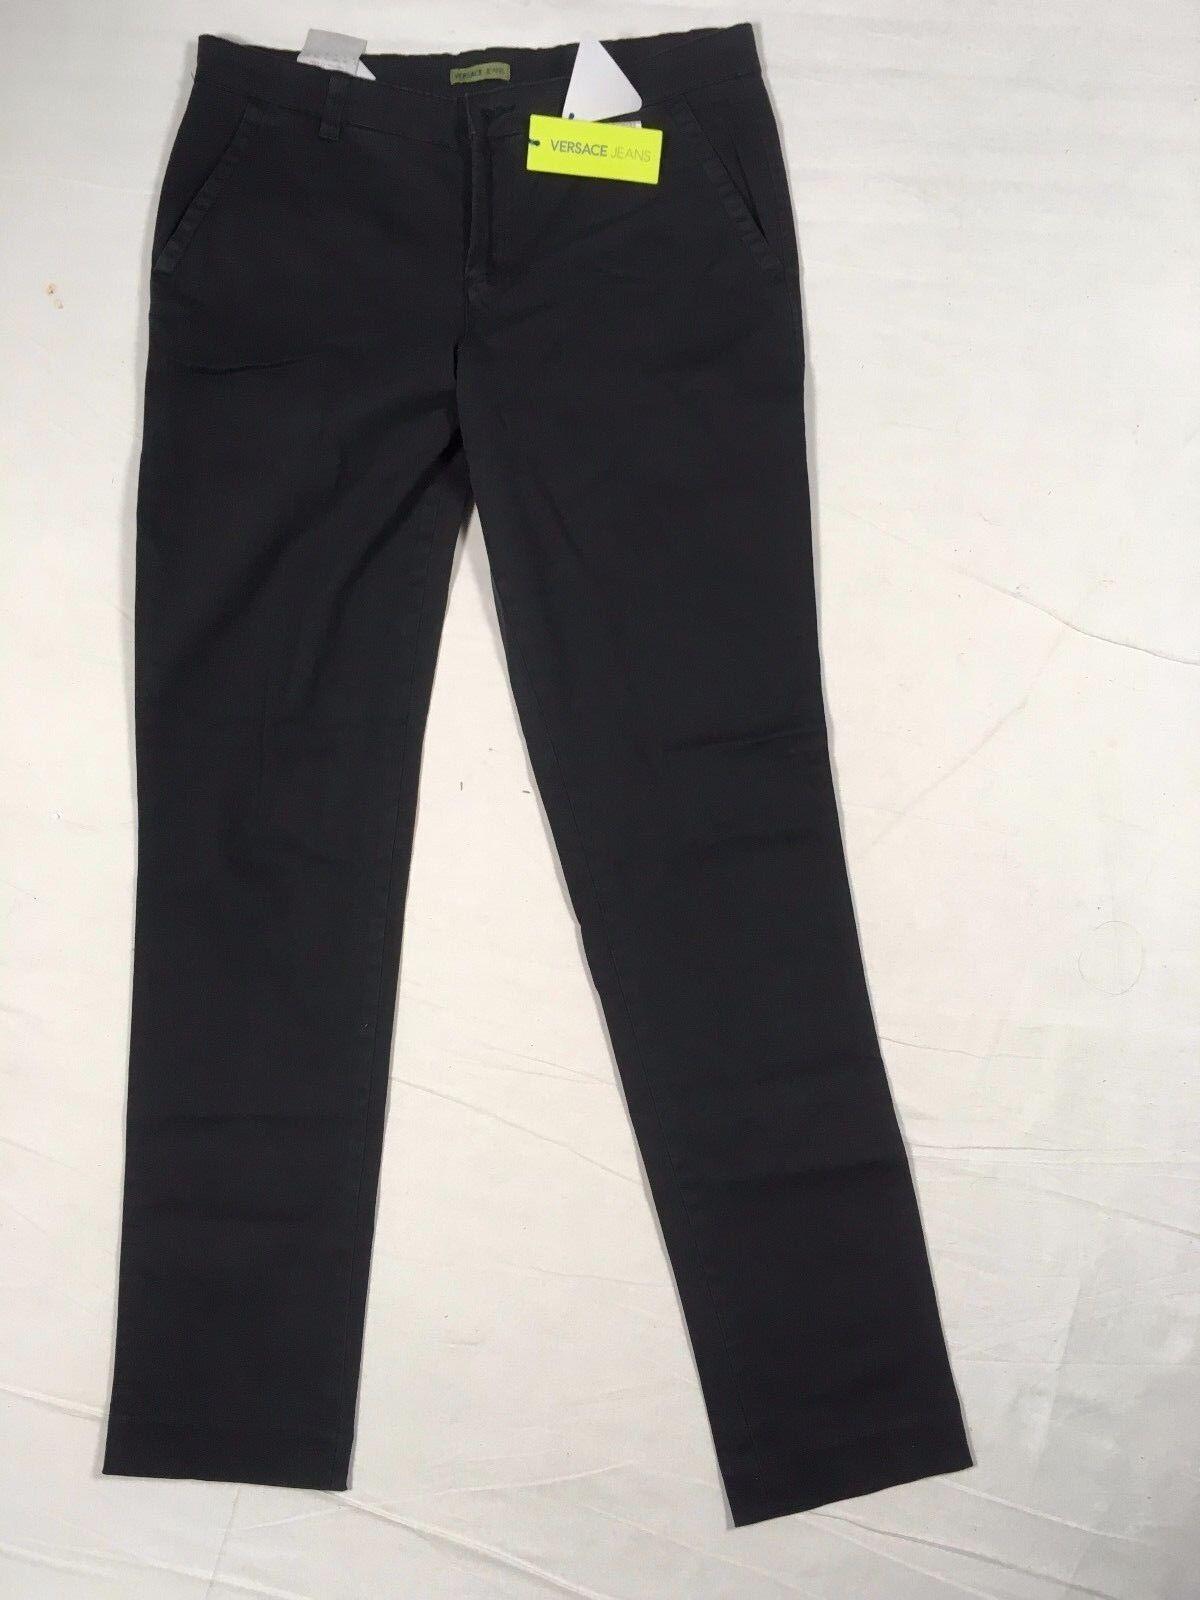 Z03195 VERSACE Chino Hose Jeans - schwarz- W30L32 - Stretch - Neu 30 32 XS (44)